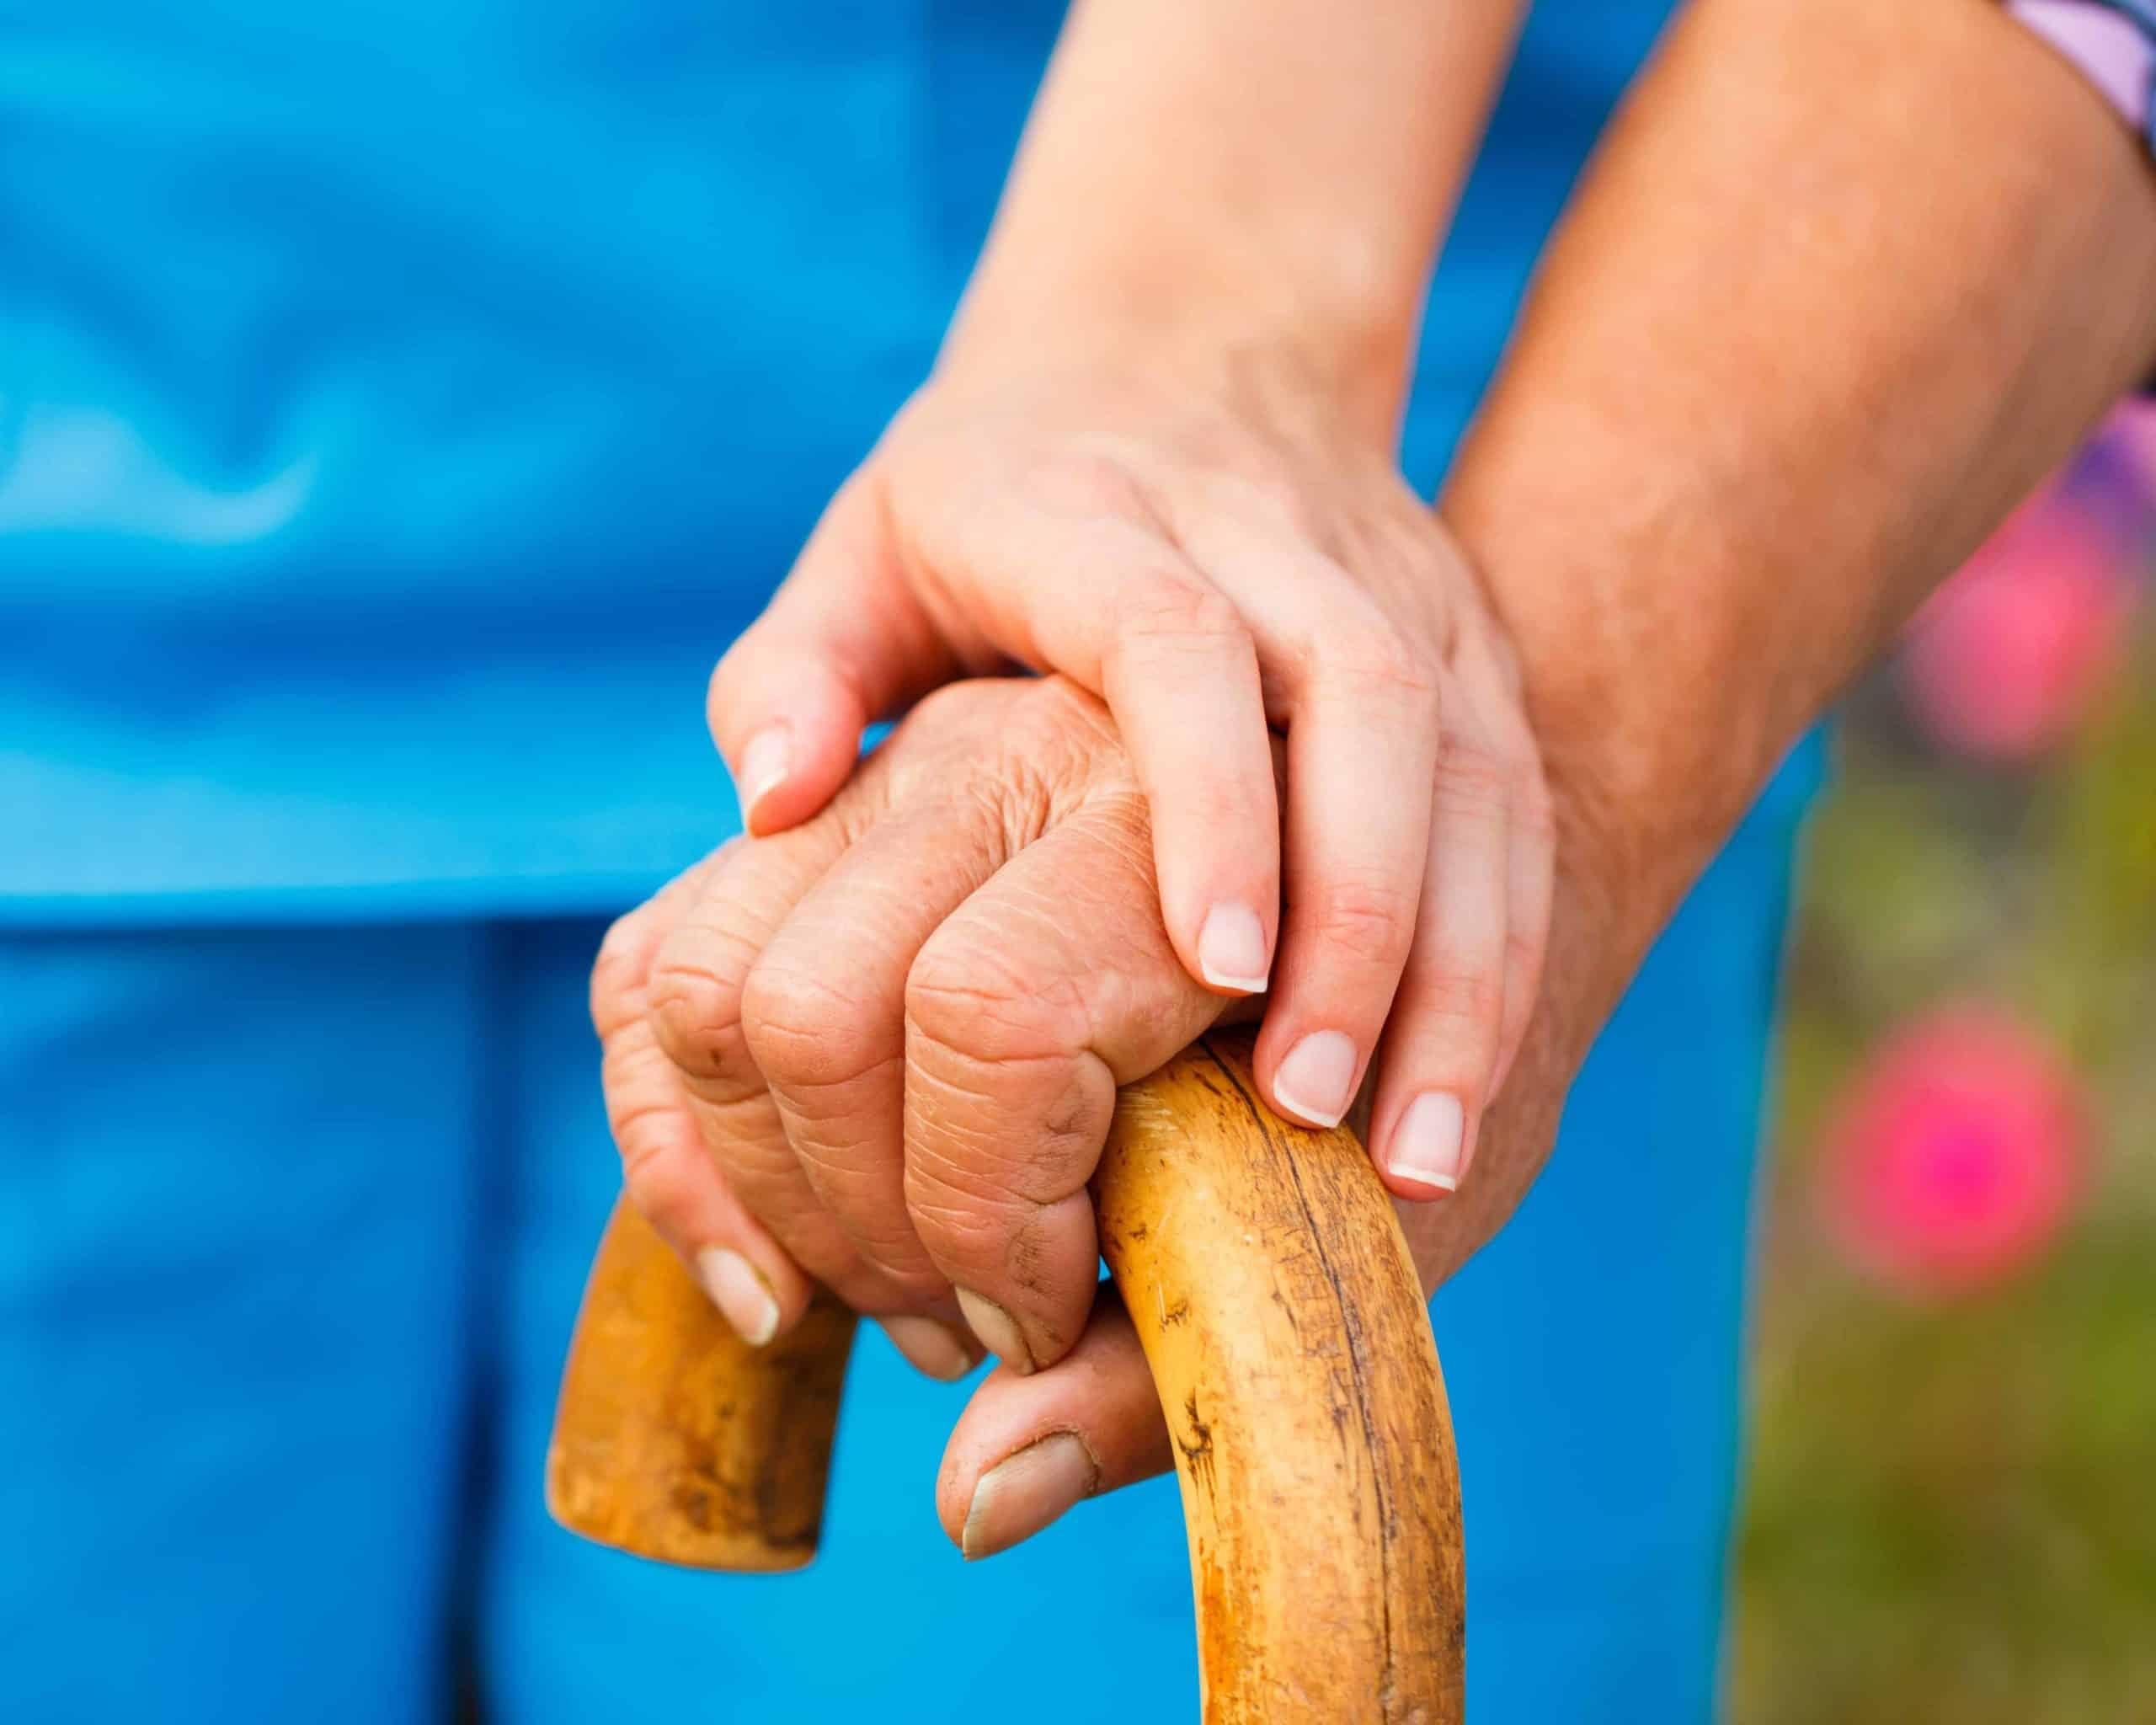 Servicio de cuidado de ancianos de noche